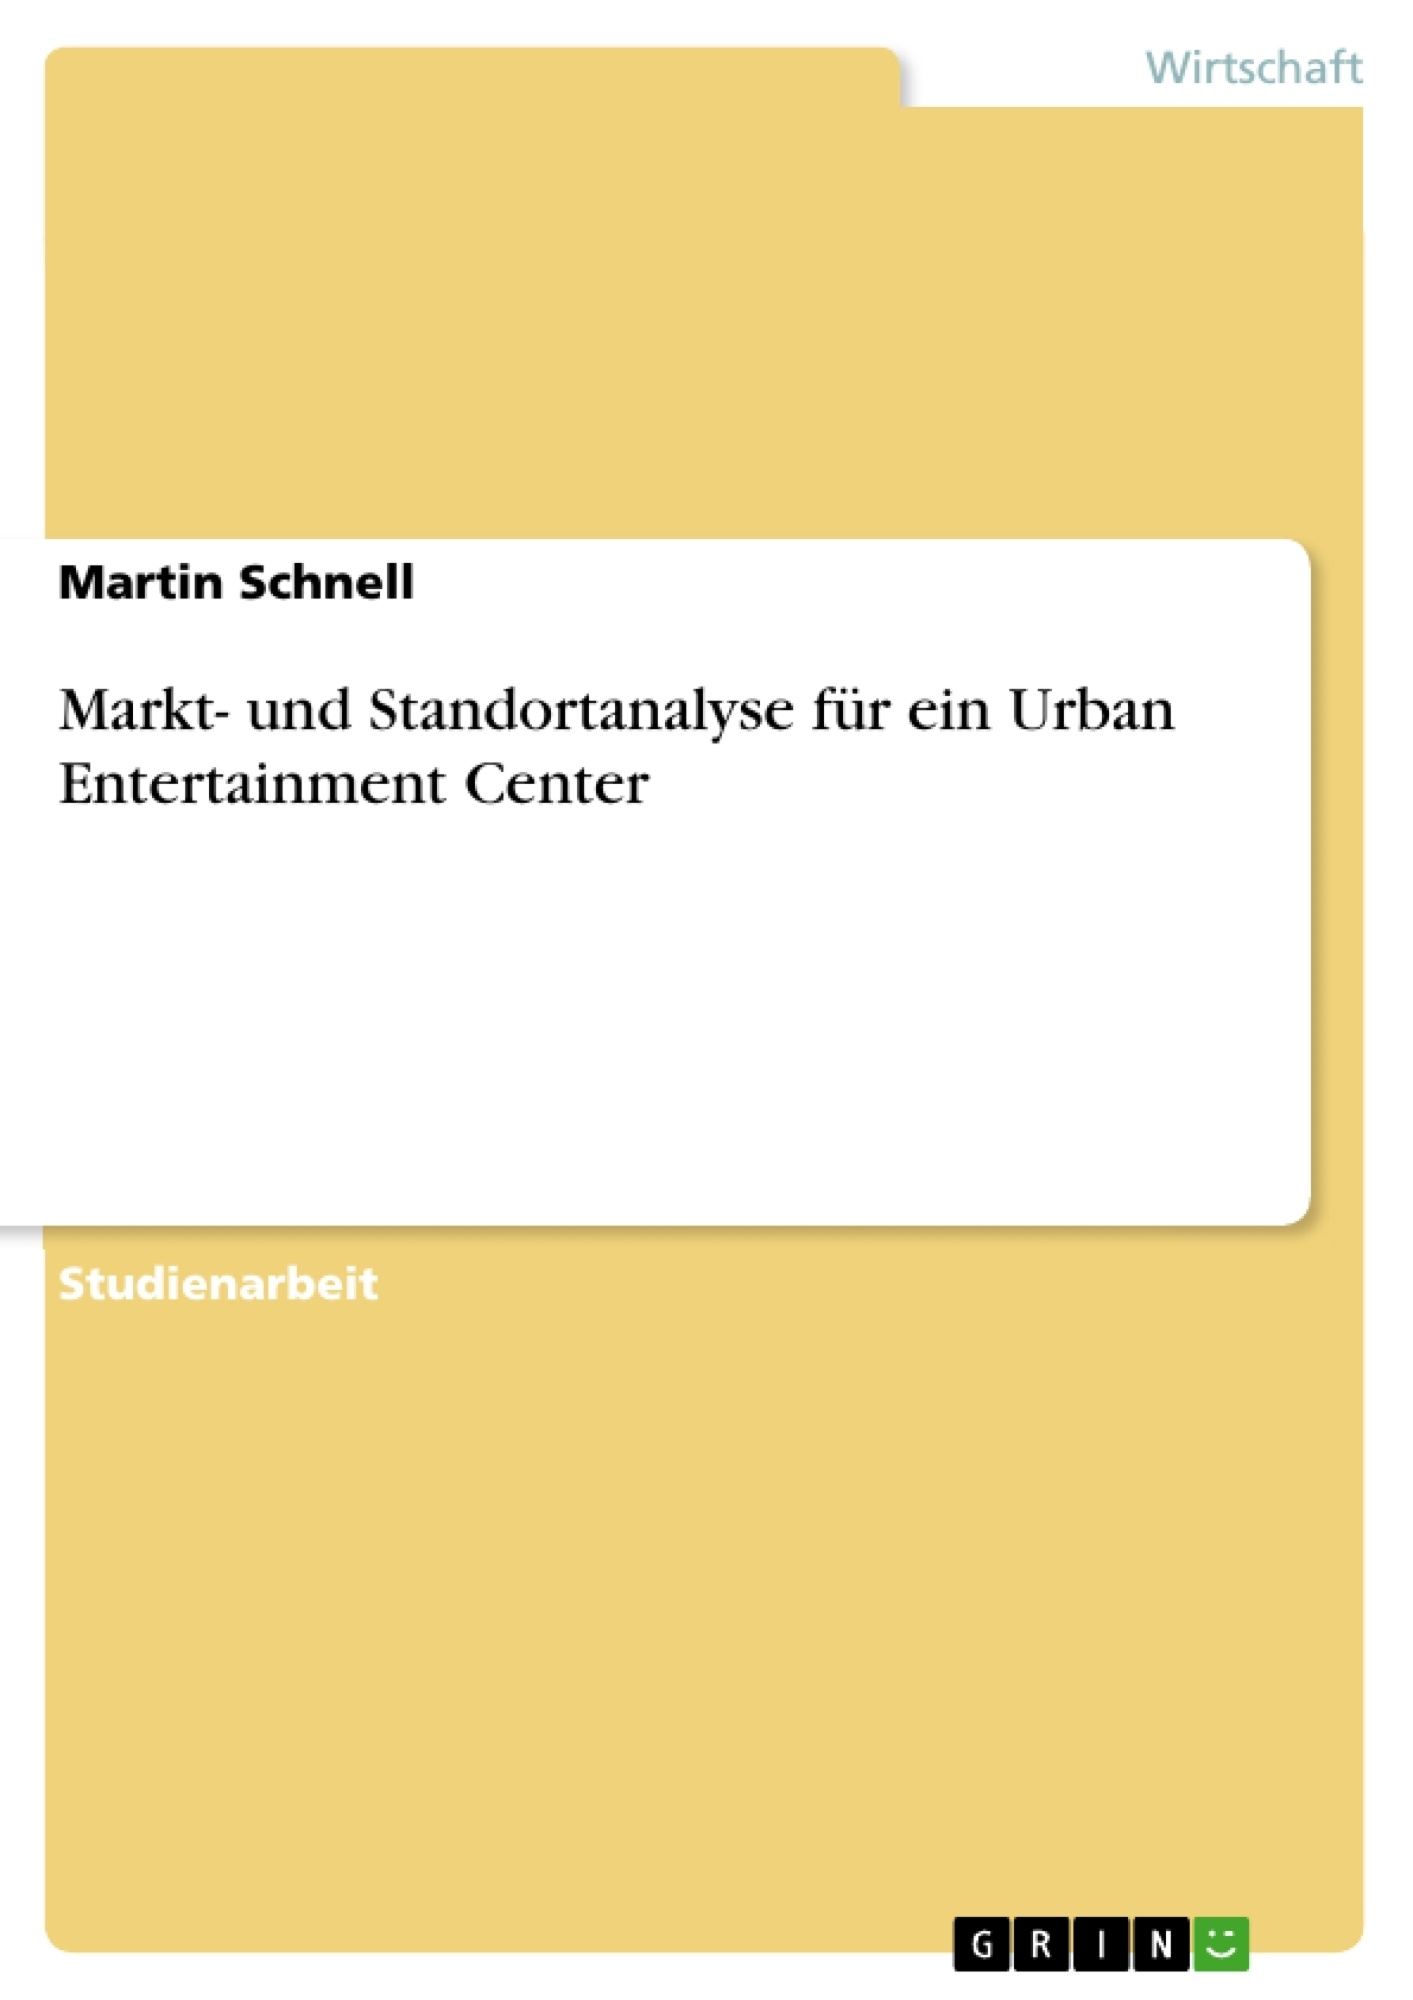 Titel: Markt- und Standortanalyse für ein Urban Entertainment Center